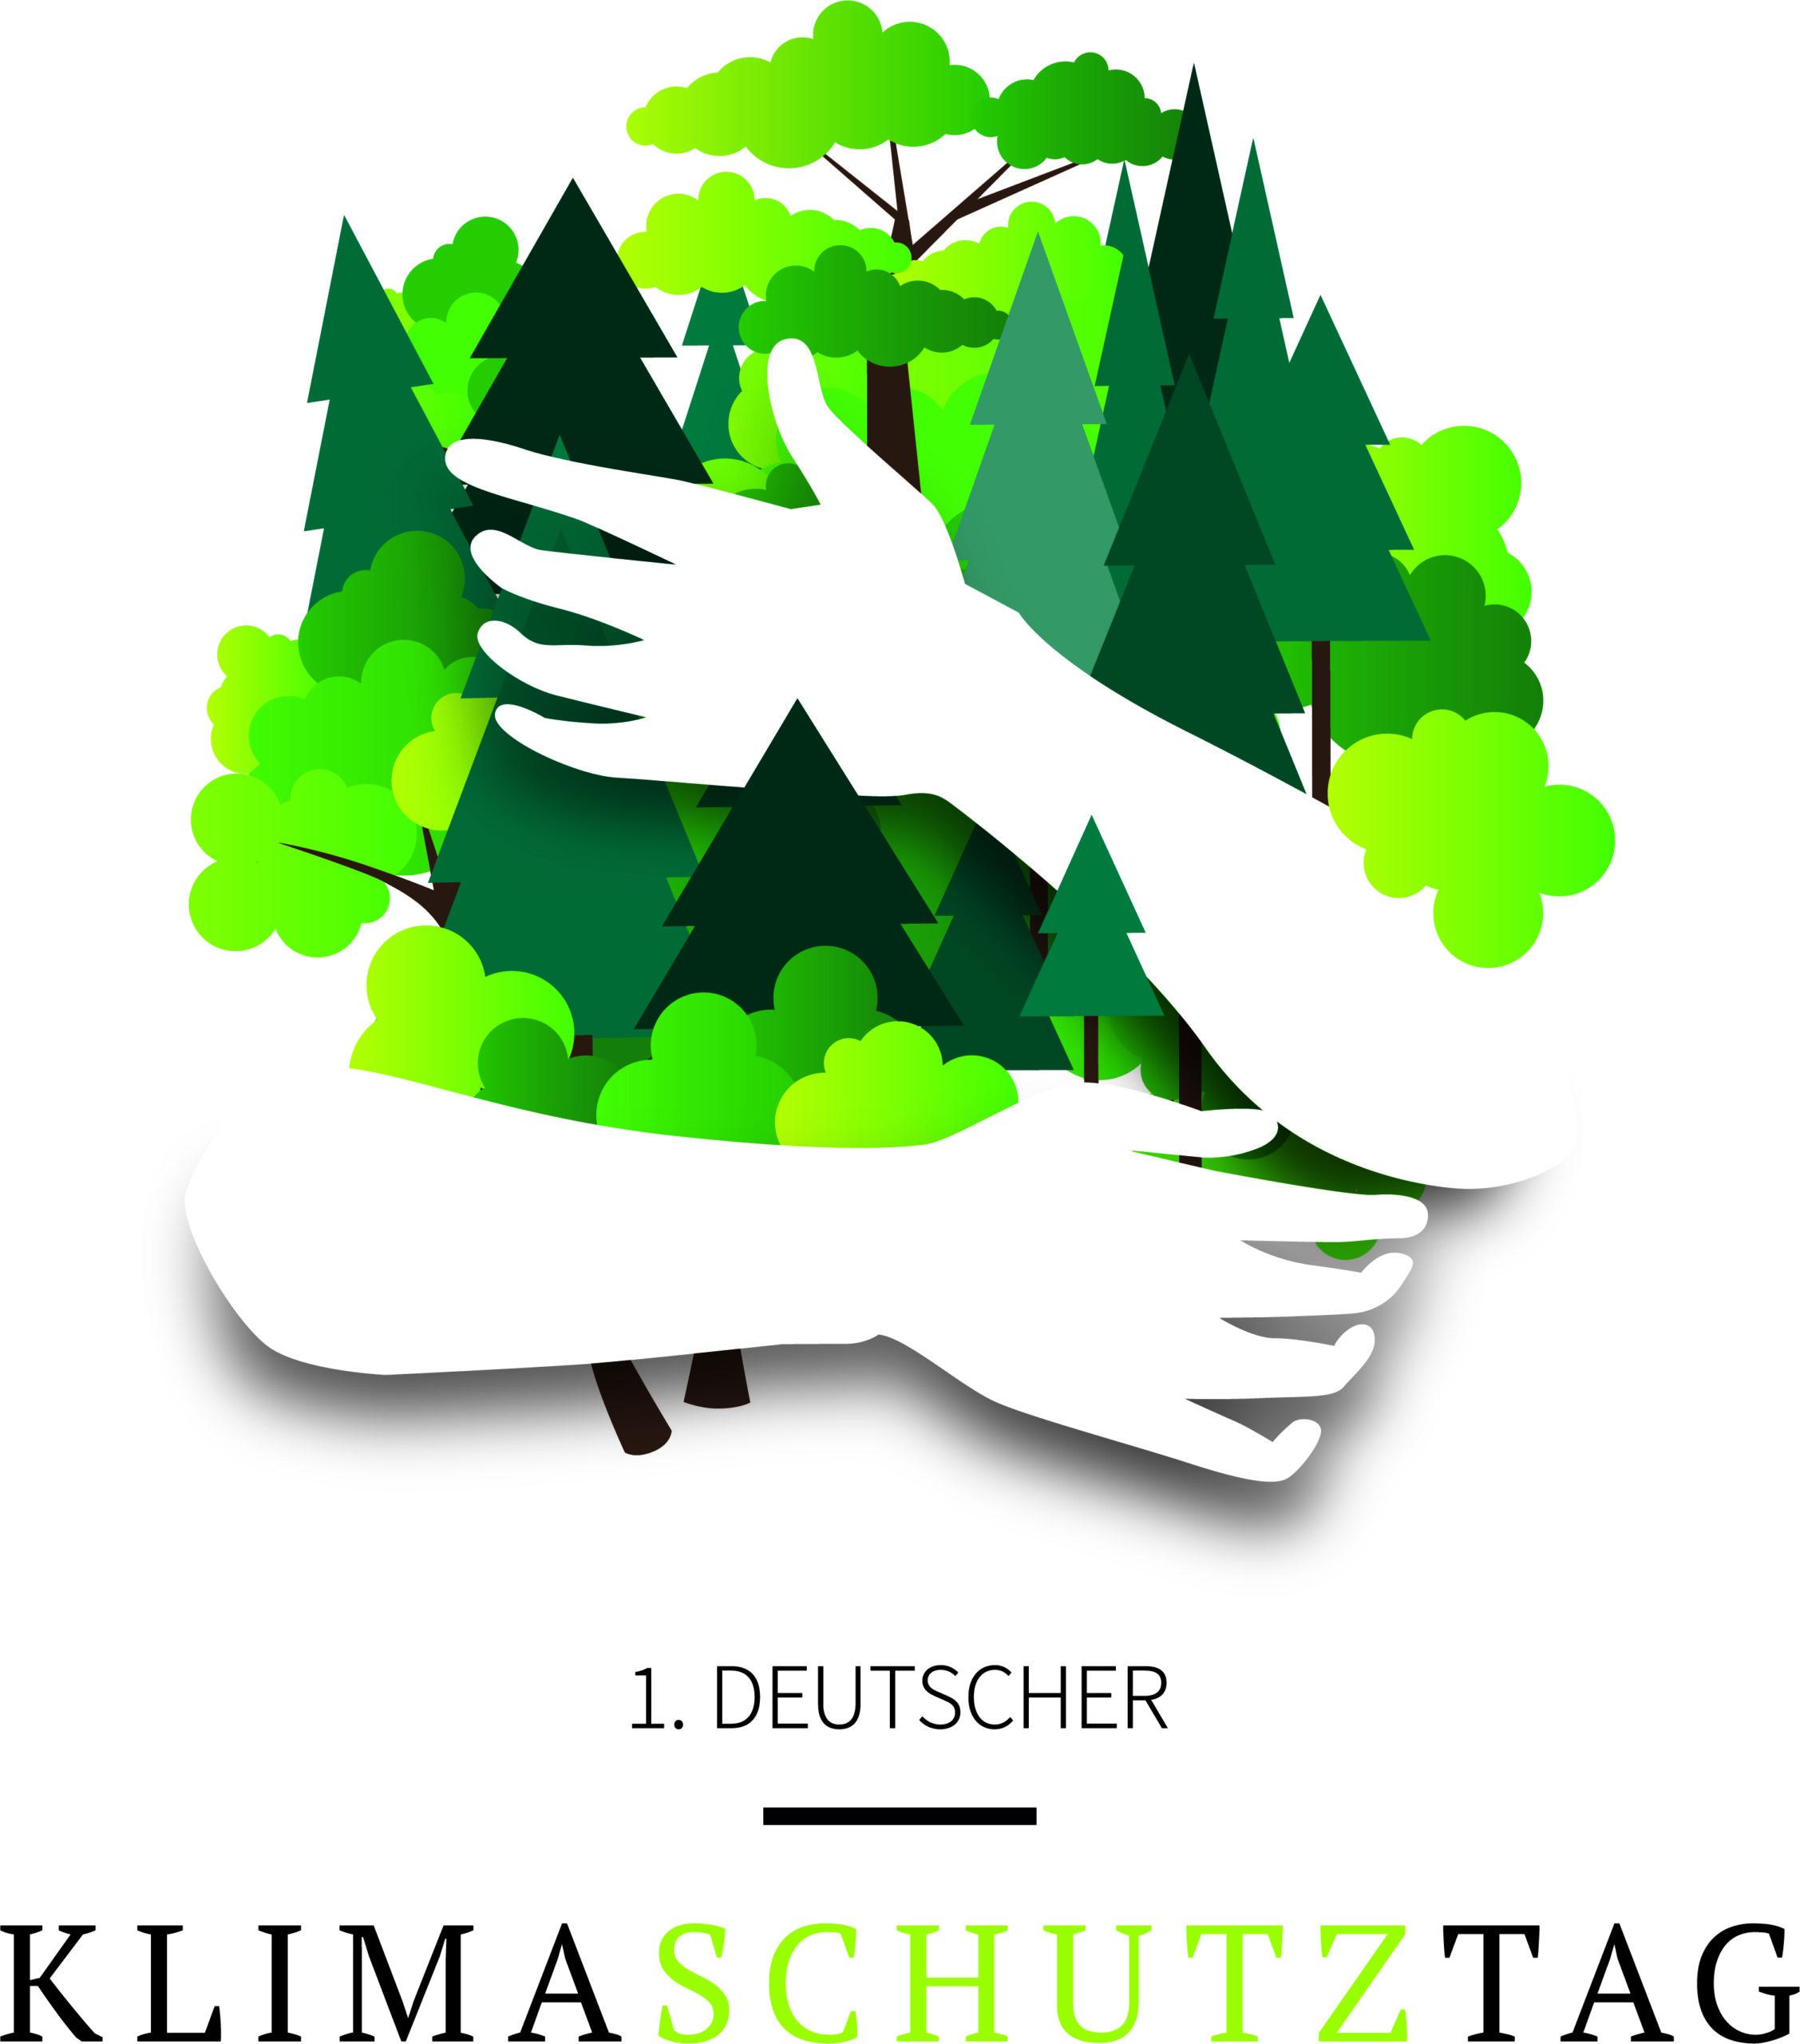 Erster Deutscher Klima Schutztag